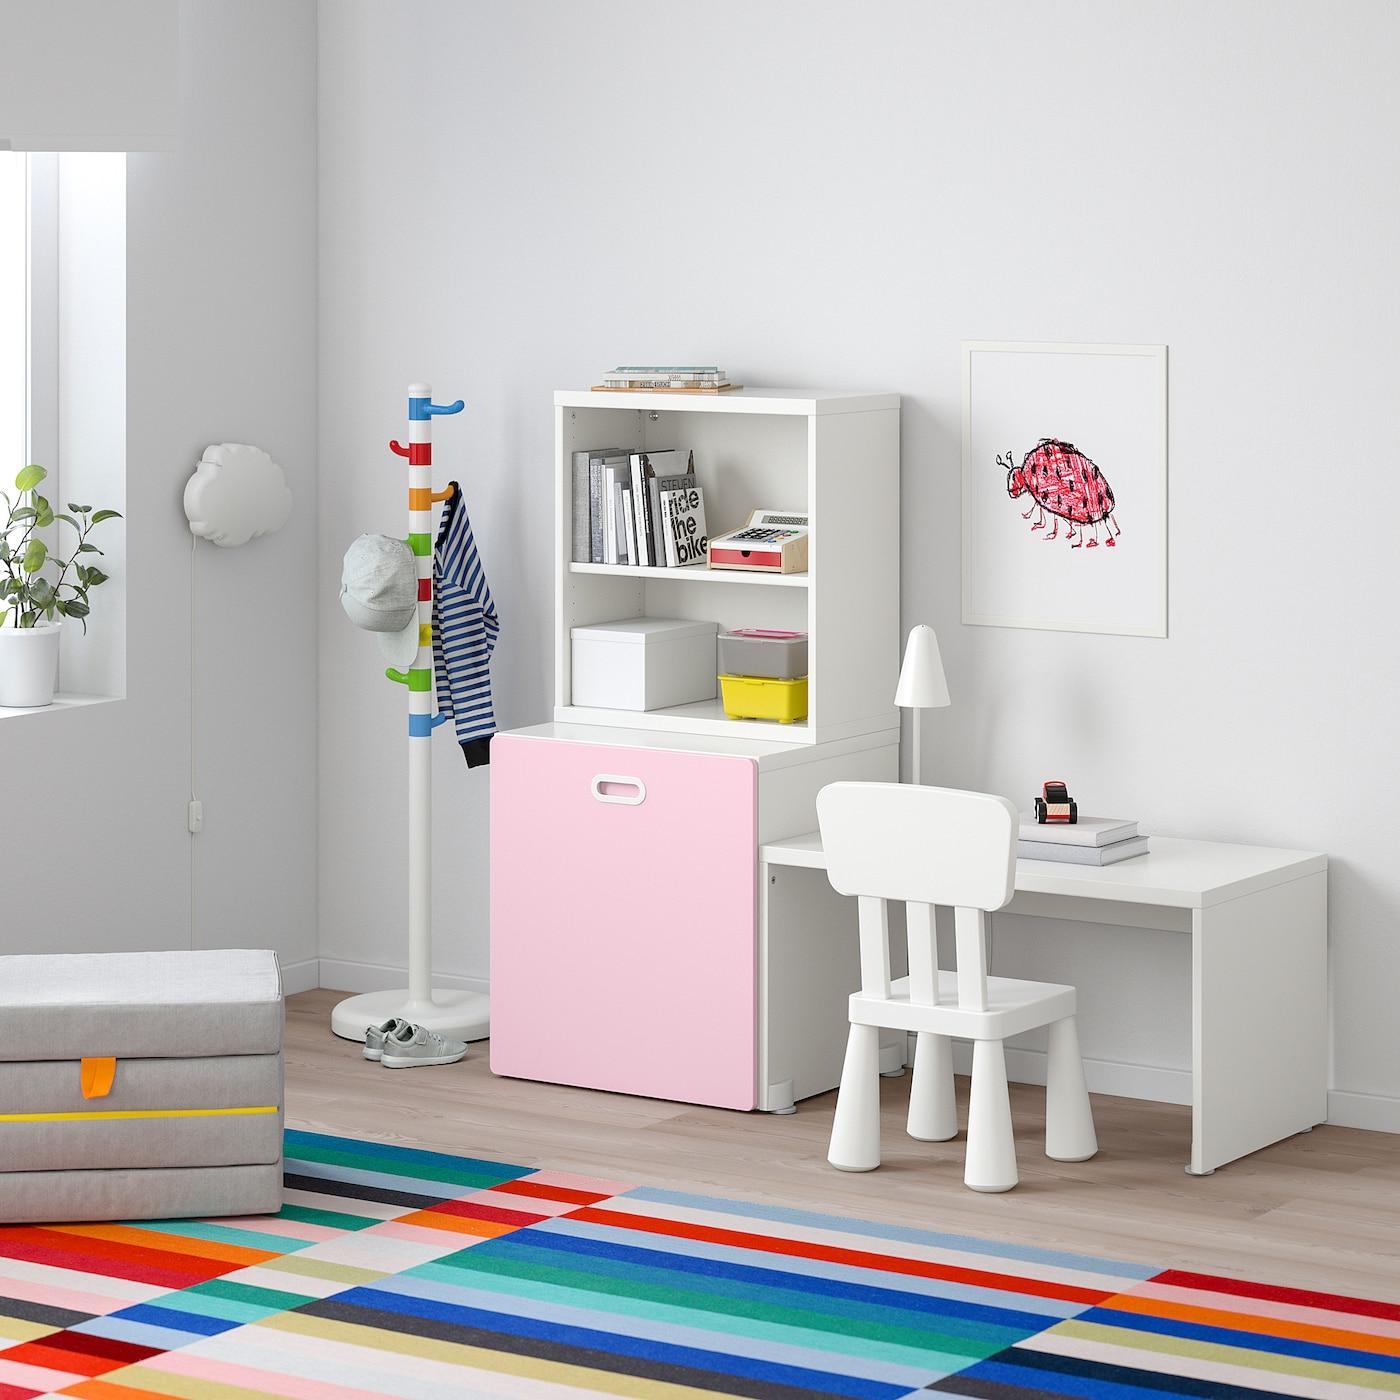 Ongekend STUVA / FRITIDS Tafel met speelgoedopberger, wit, lichtroze SG-96